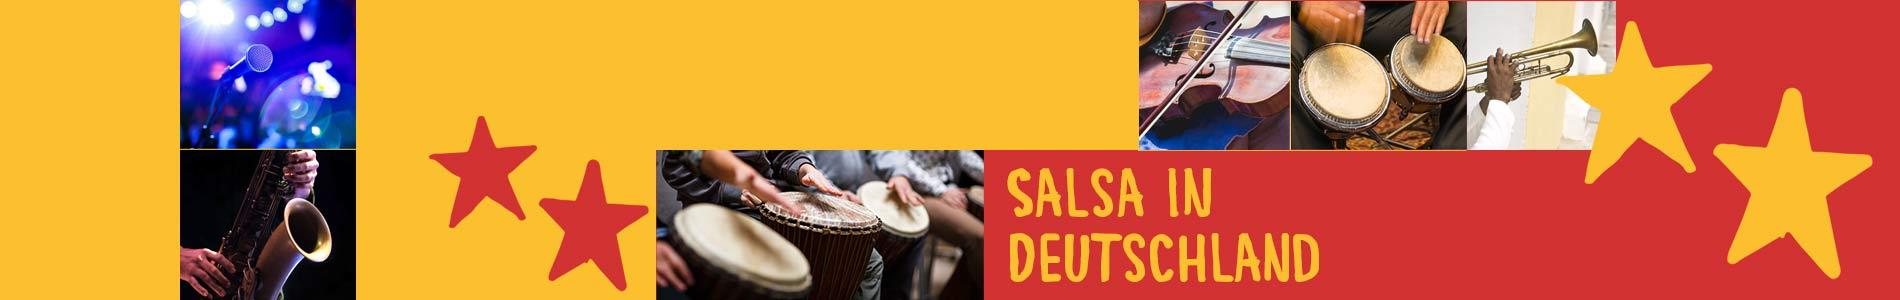 Salsa in Brehna – Salsa lernen und tanzen, Tanzkurse, Partys, Veranstaltungen